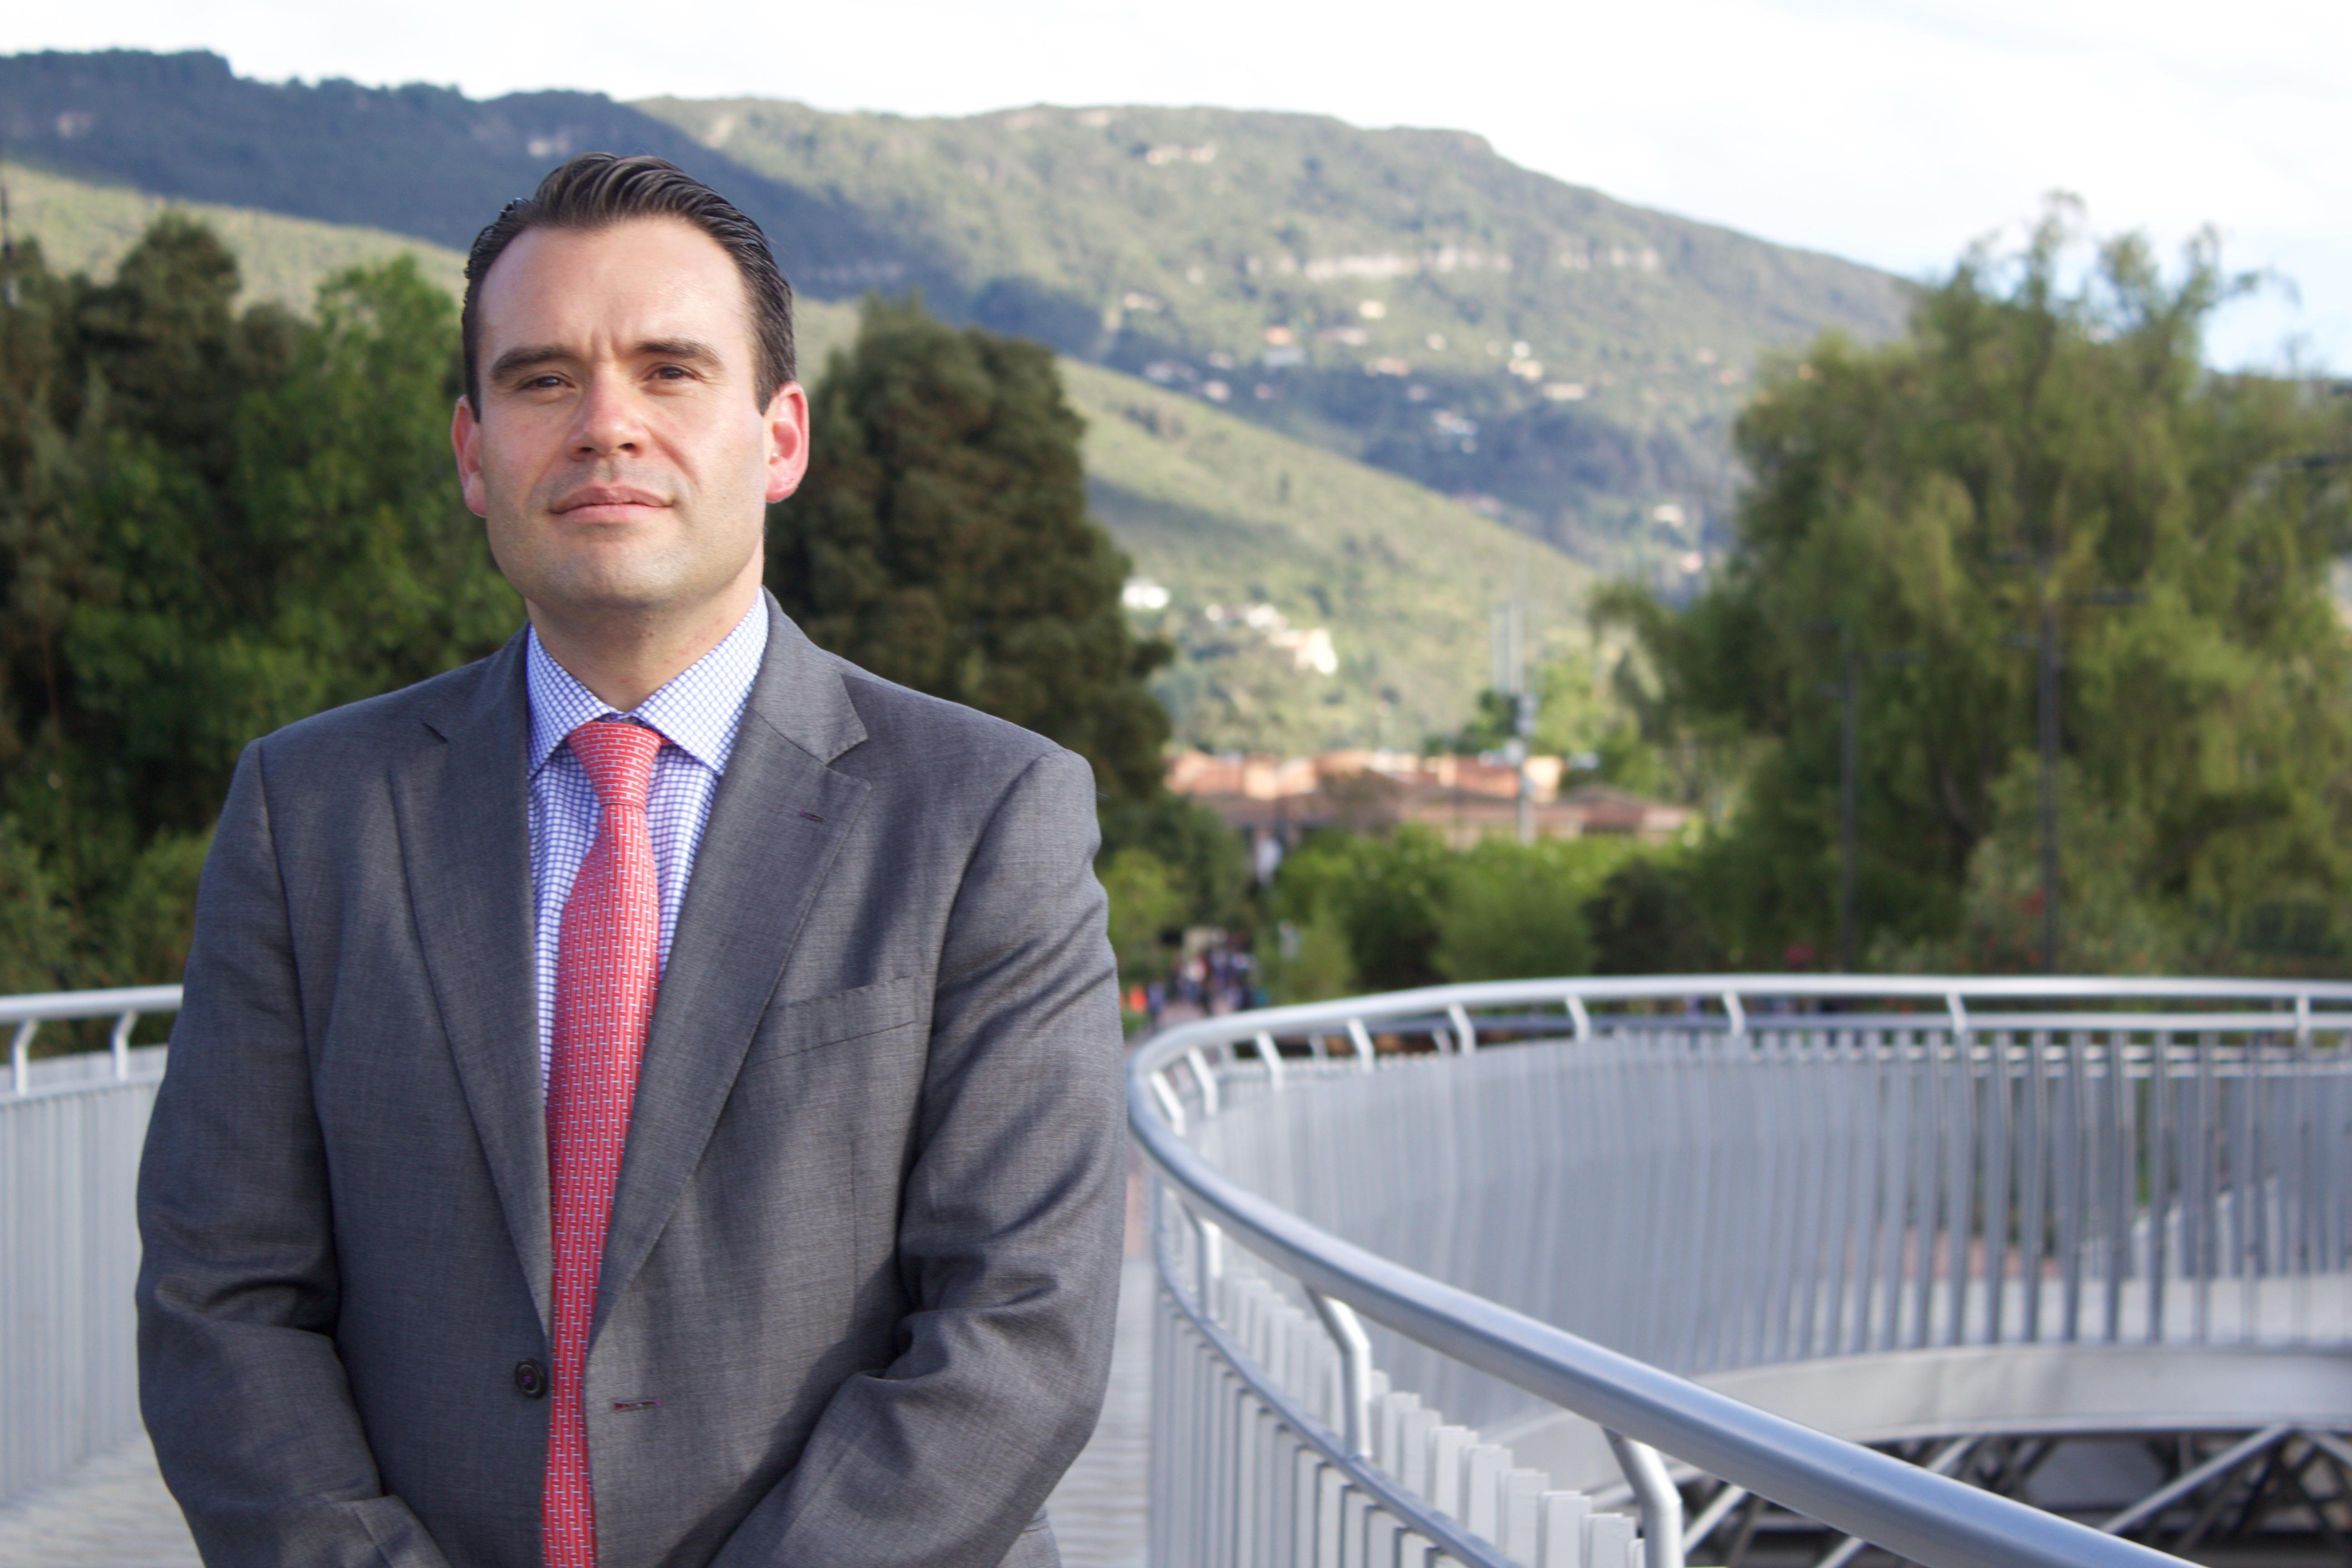 Juan Carlos Camelo Vargas